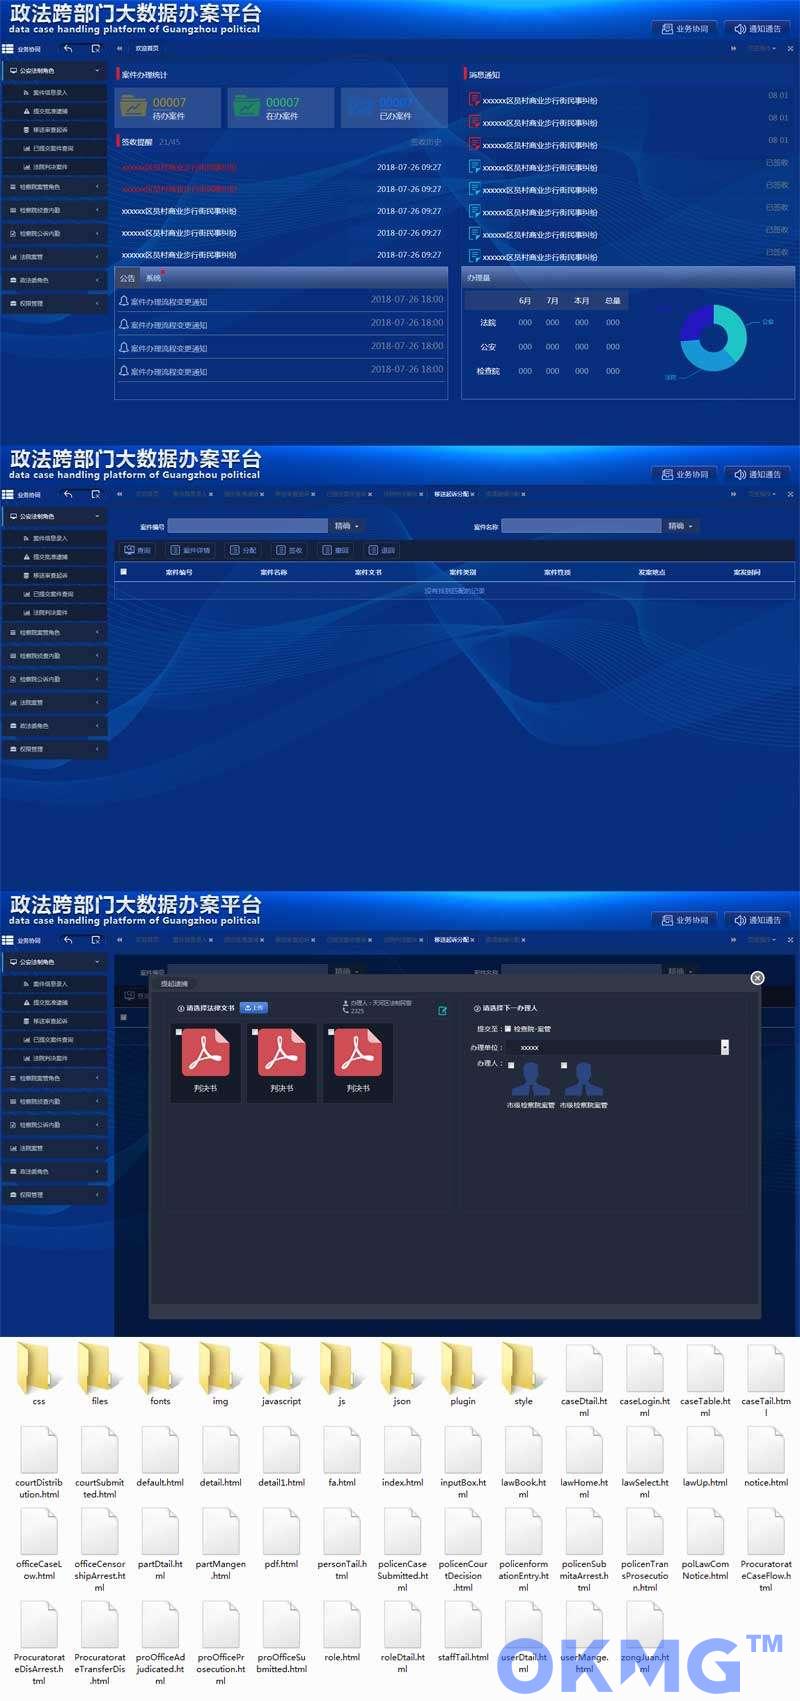 政法跨部门数据办公平台页面模板